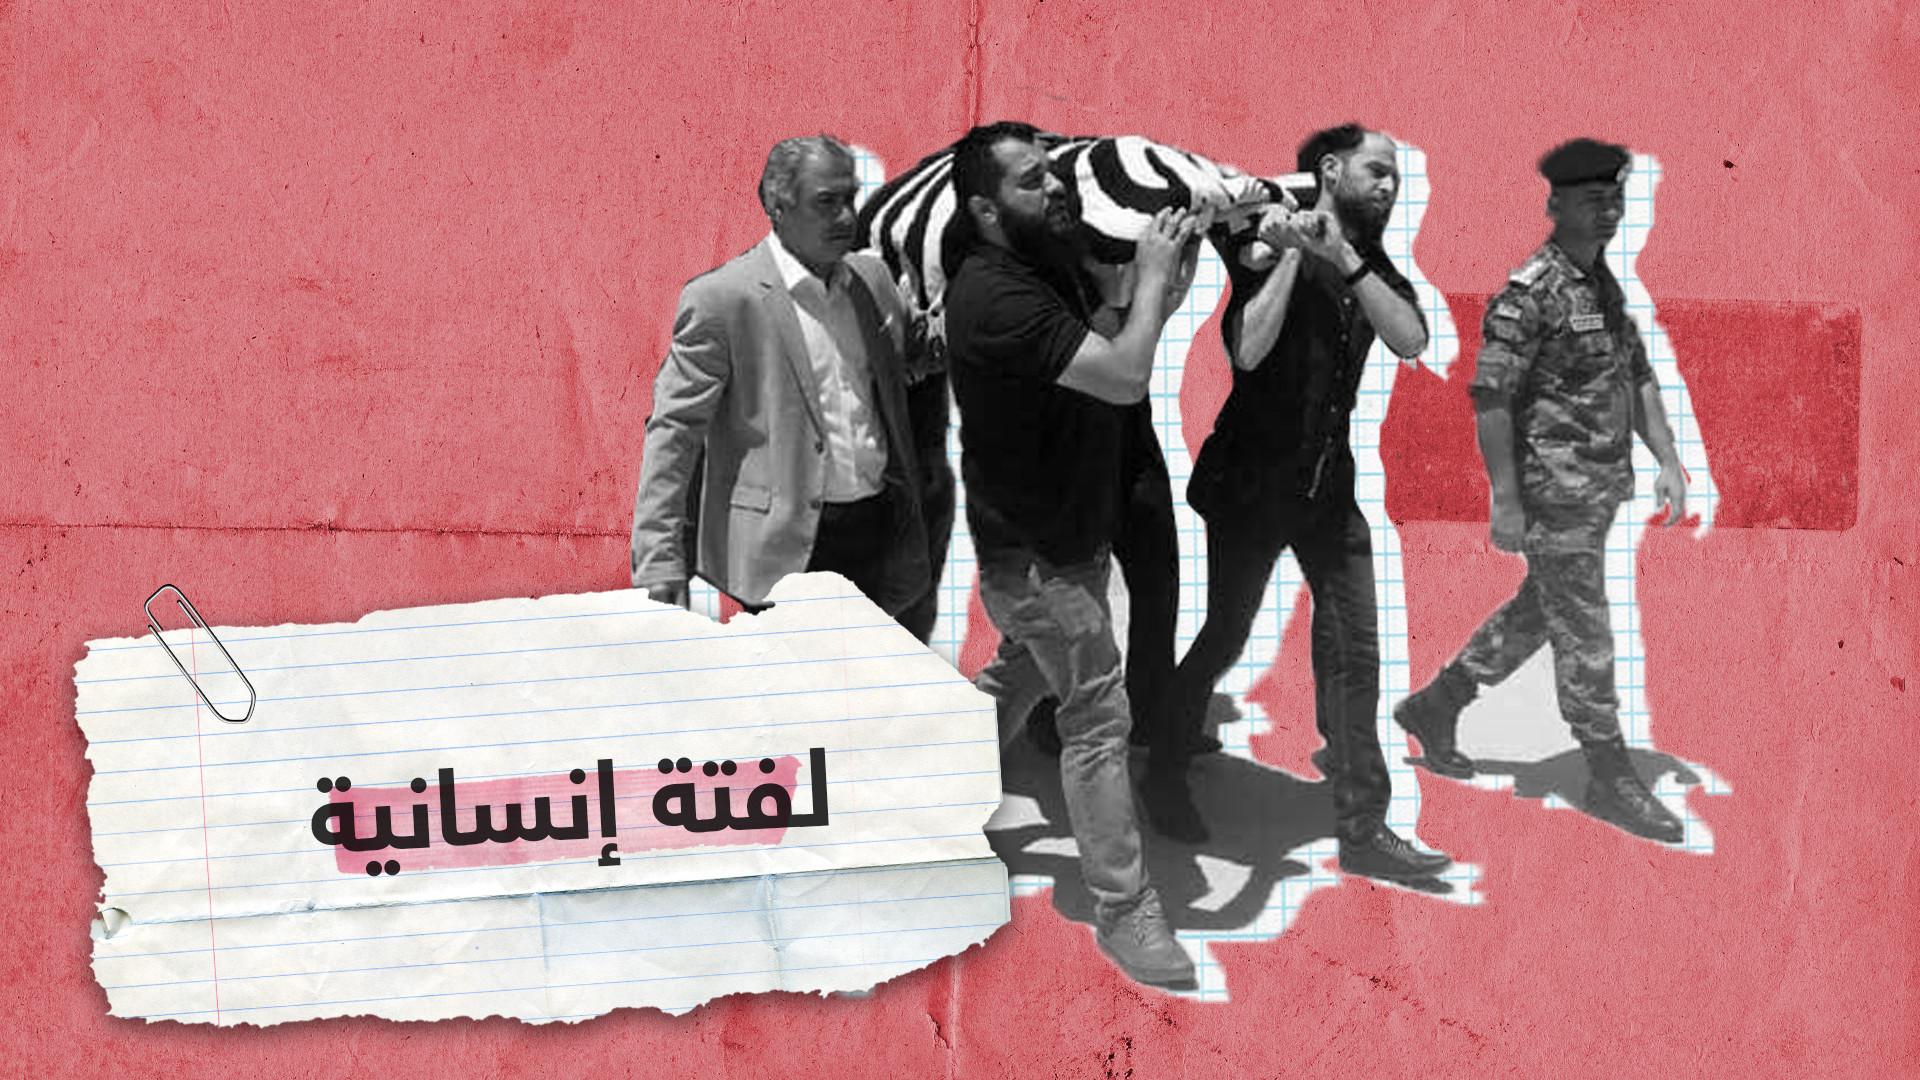 ملك الأردن يشيد بشهامة ونخوة رجال الدرك إزاء امرأة عراقية